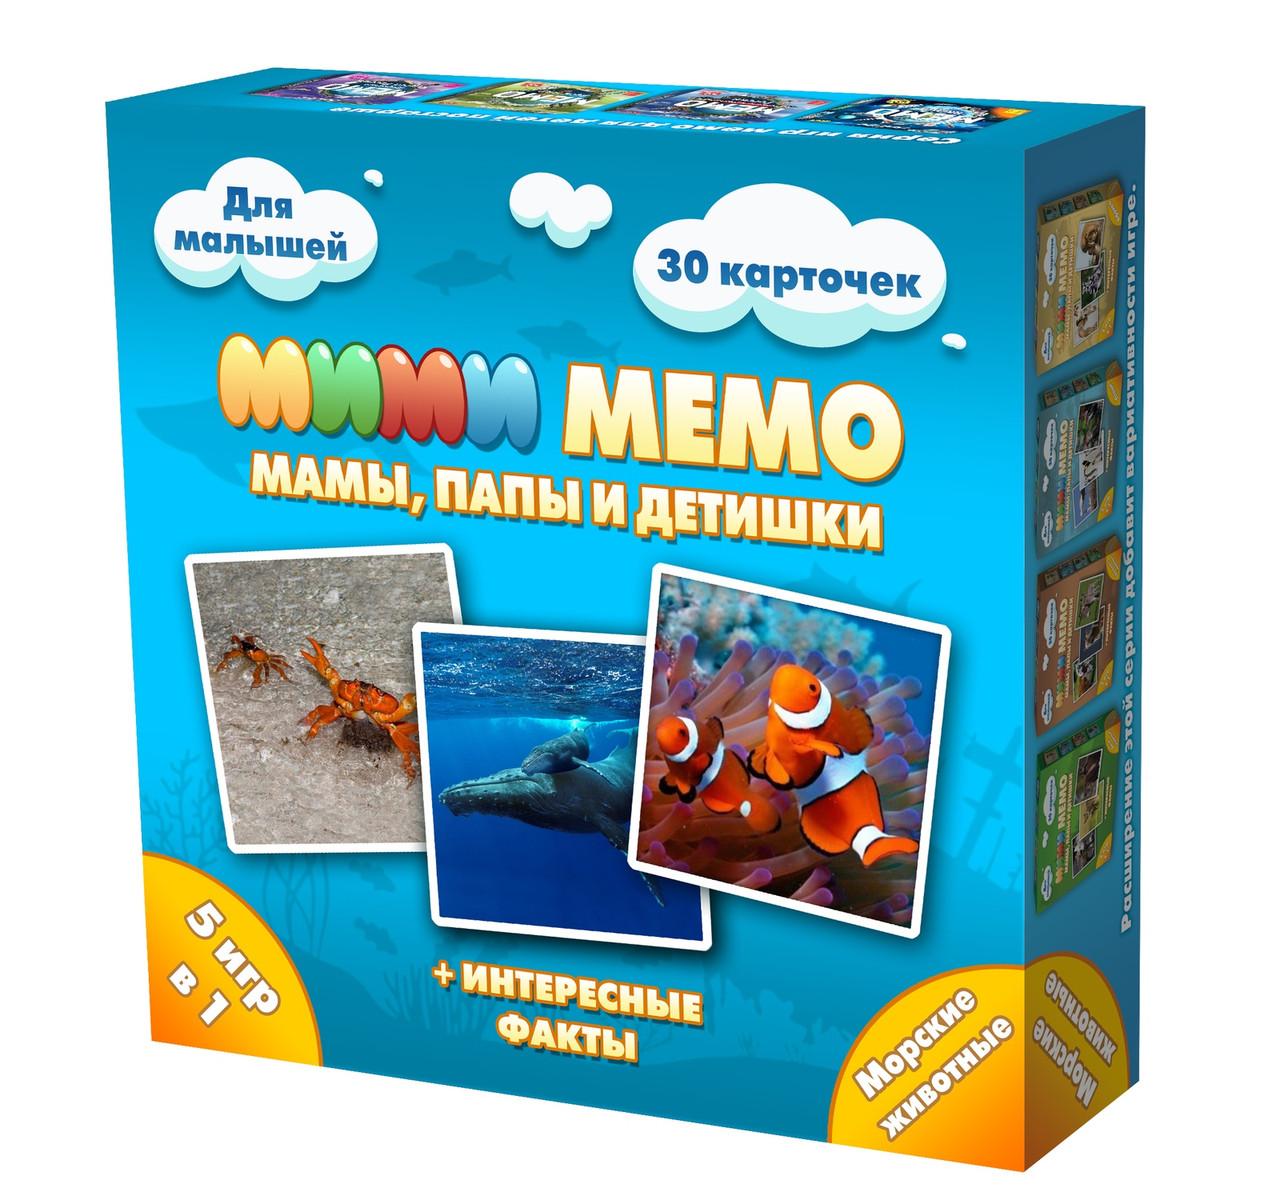 """Настольная игра """"Мими Мемо: Морские животные"""", мамы, папы и детишки"""